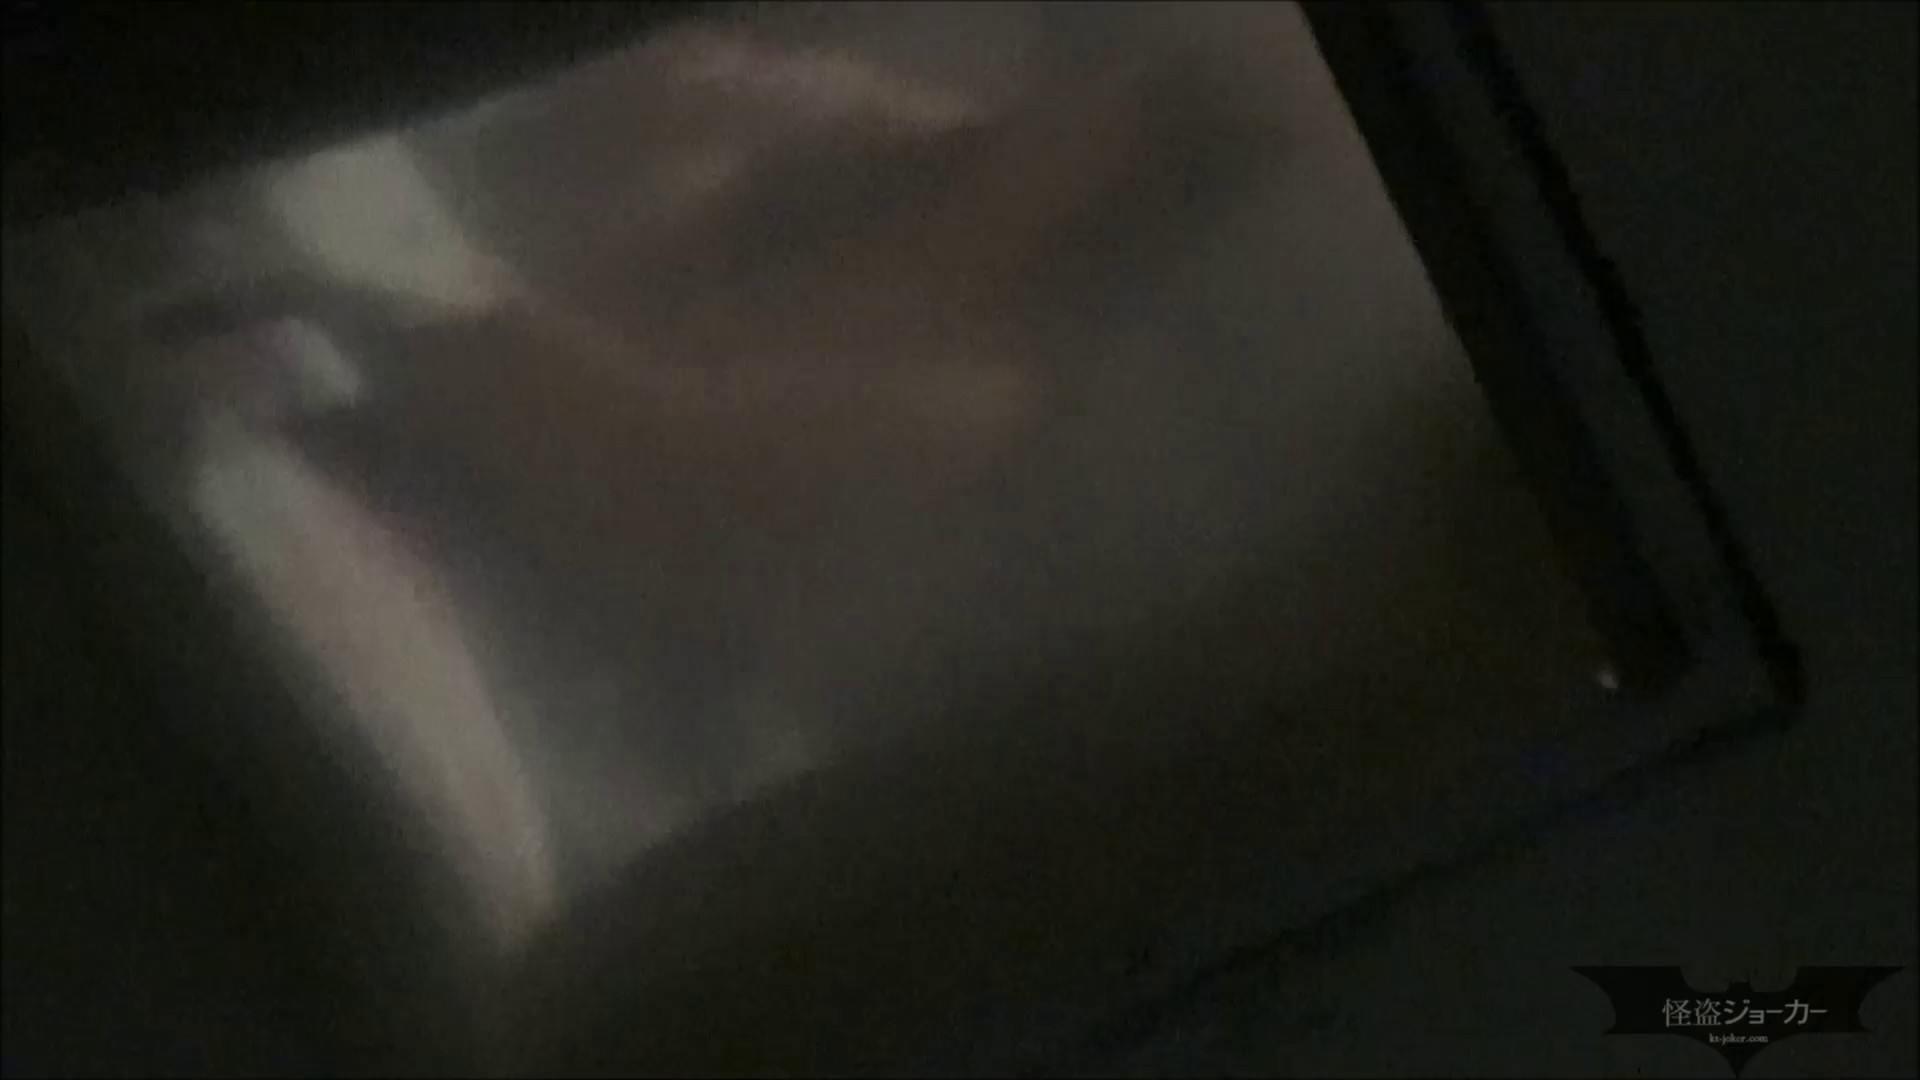 巨乳 乳首:覗き見 Vol.3 覗き見 Vol.3♀ 向かいのお女市さん。:怪盗ジョーカー